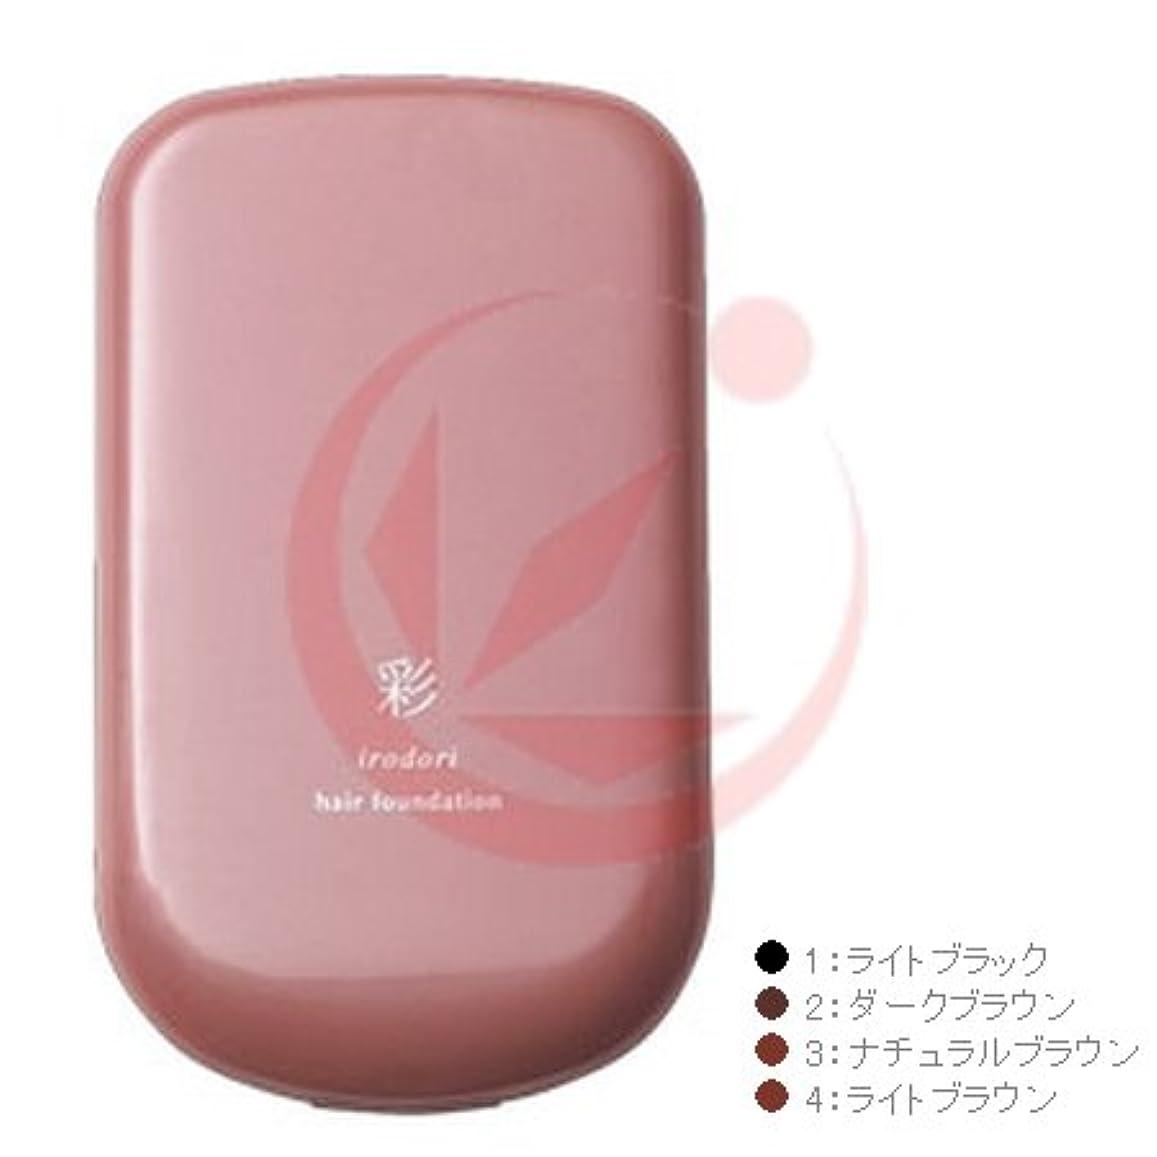 ずるいモーテル顔料イリヤ 彩(いろどり) ヘアファンデーション 13g ケース付 ライトブラウン